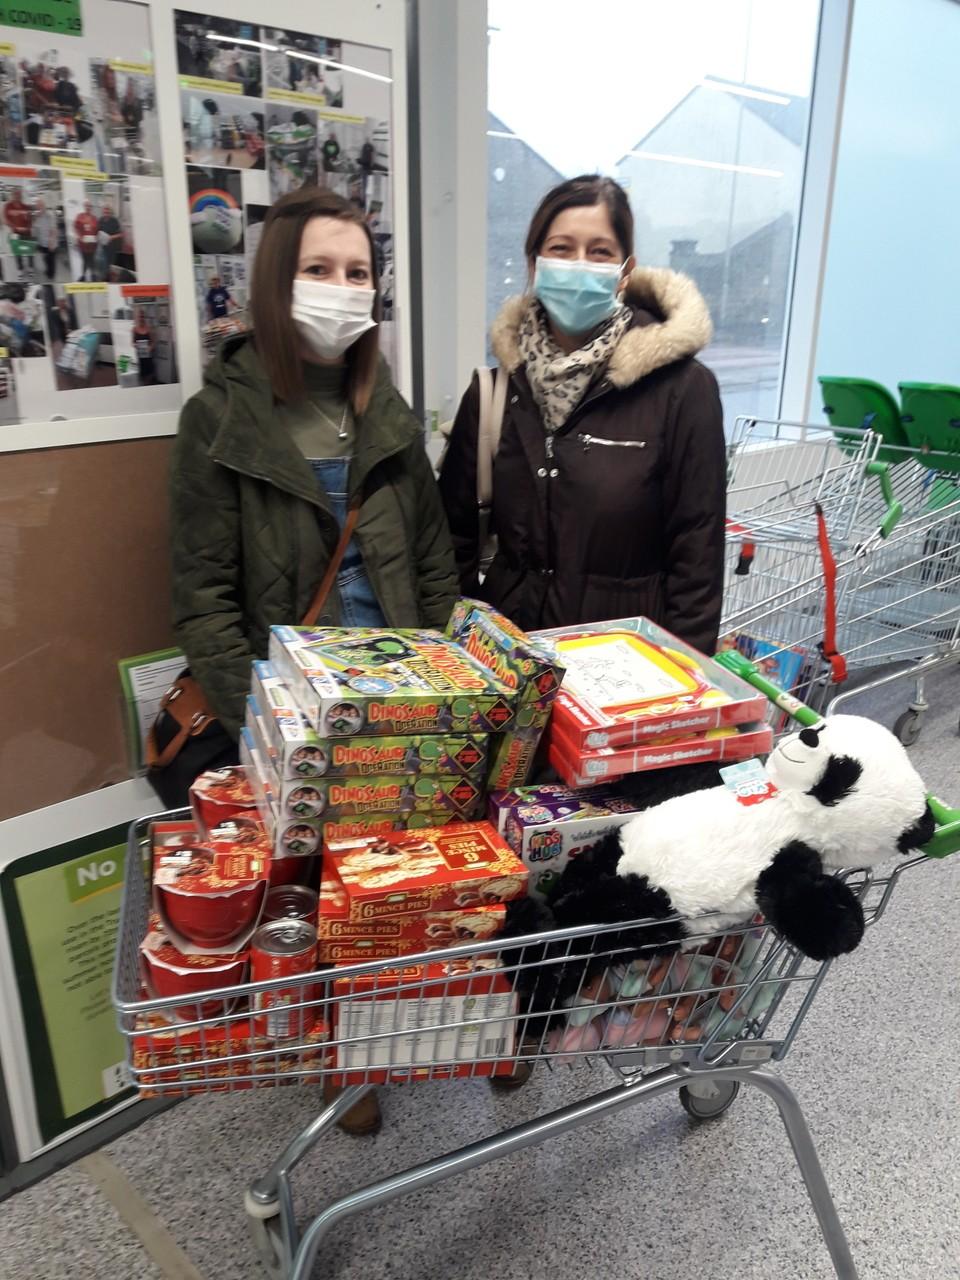 Donation to homeless team | Asda Sedgley